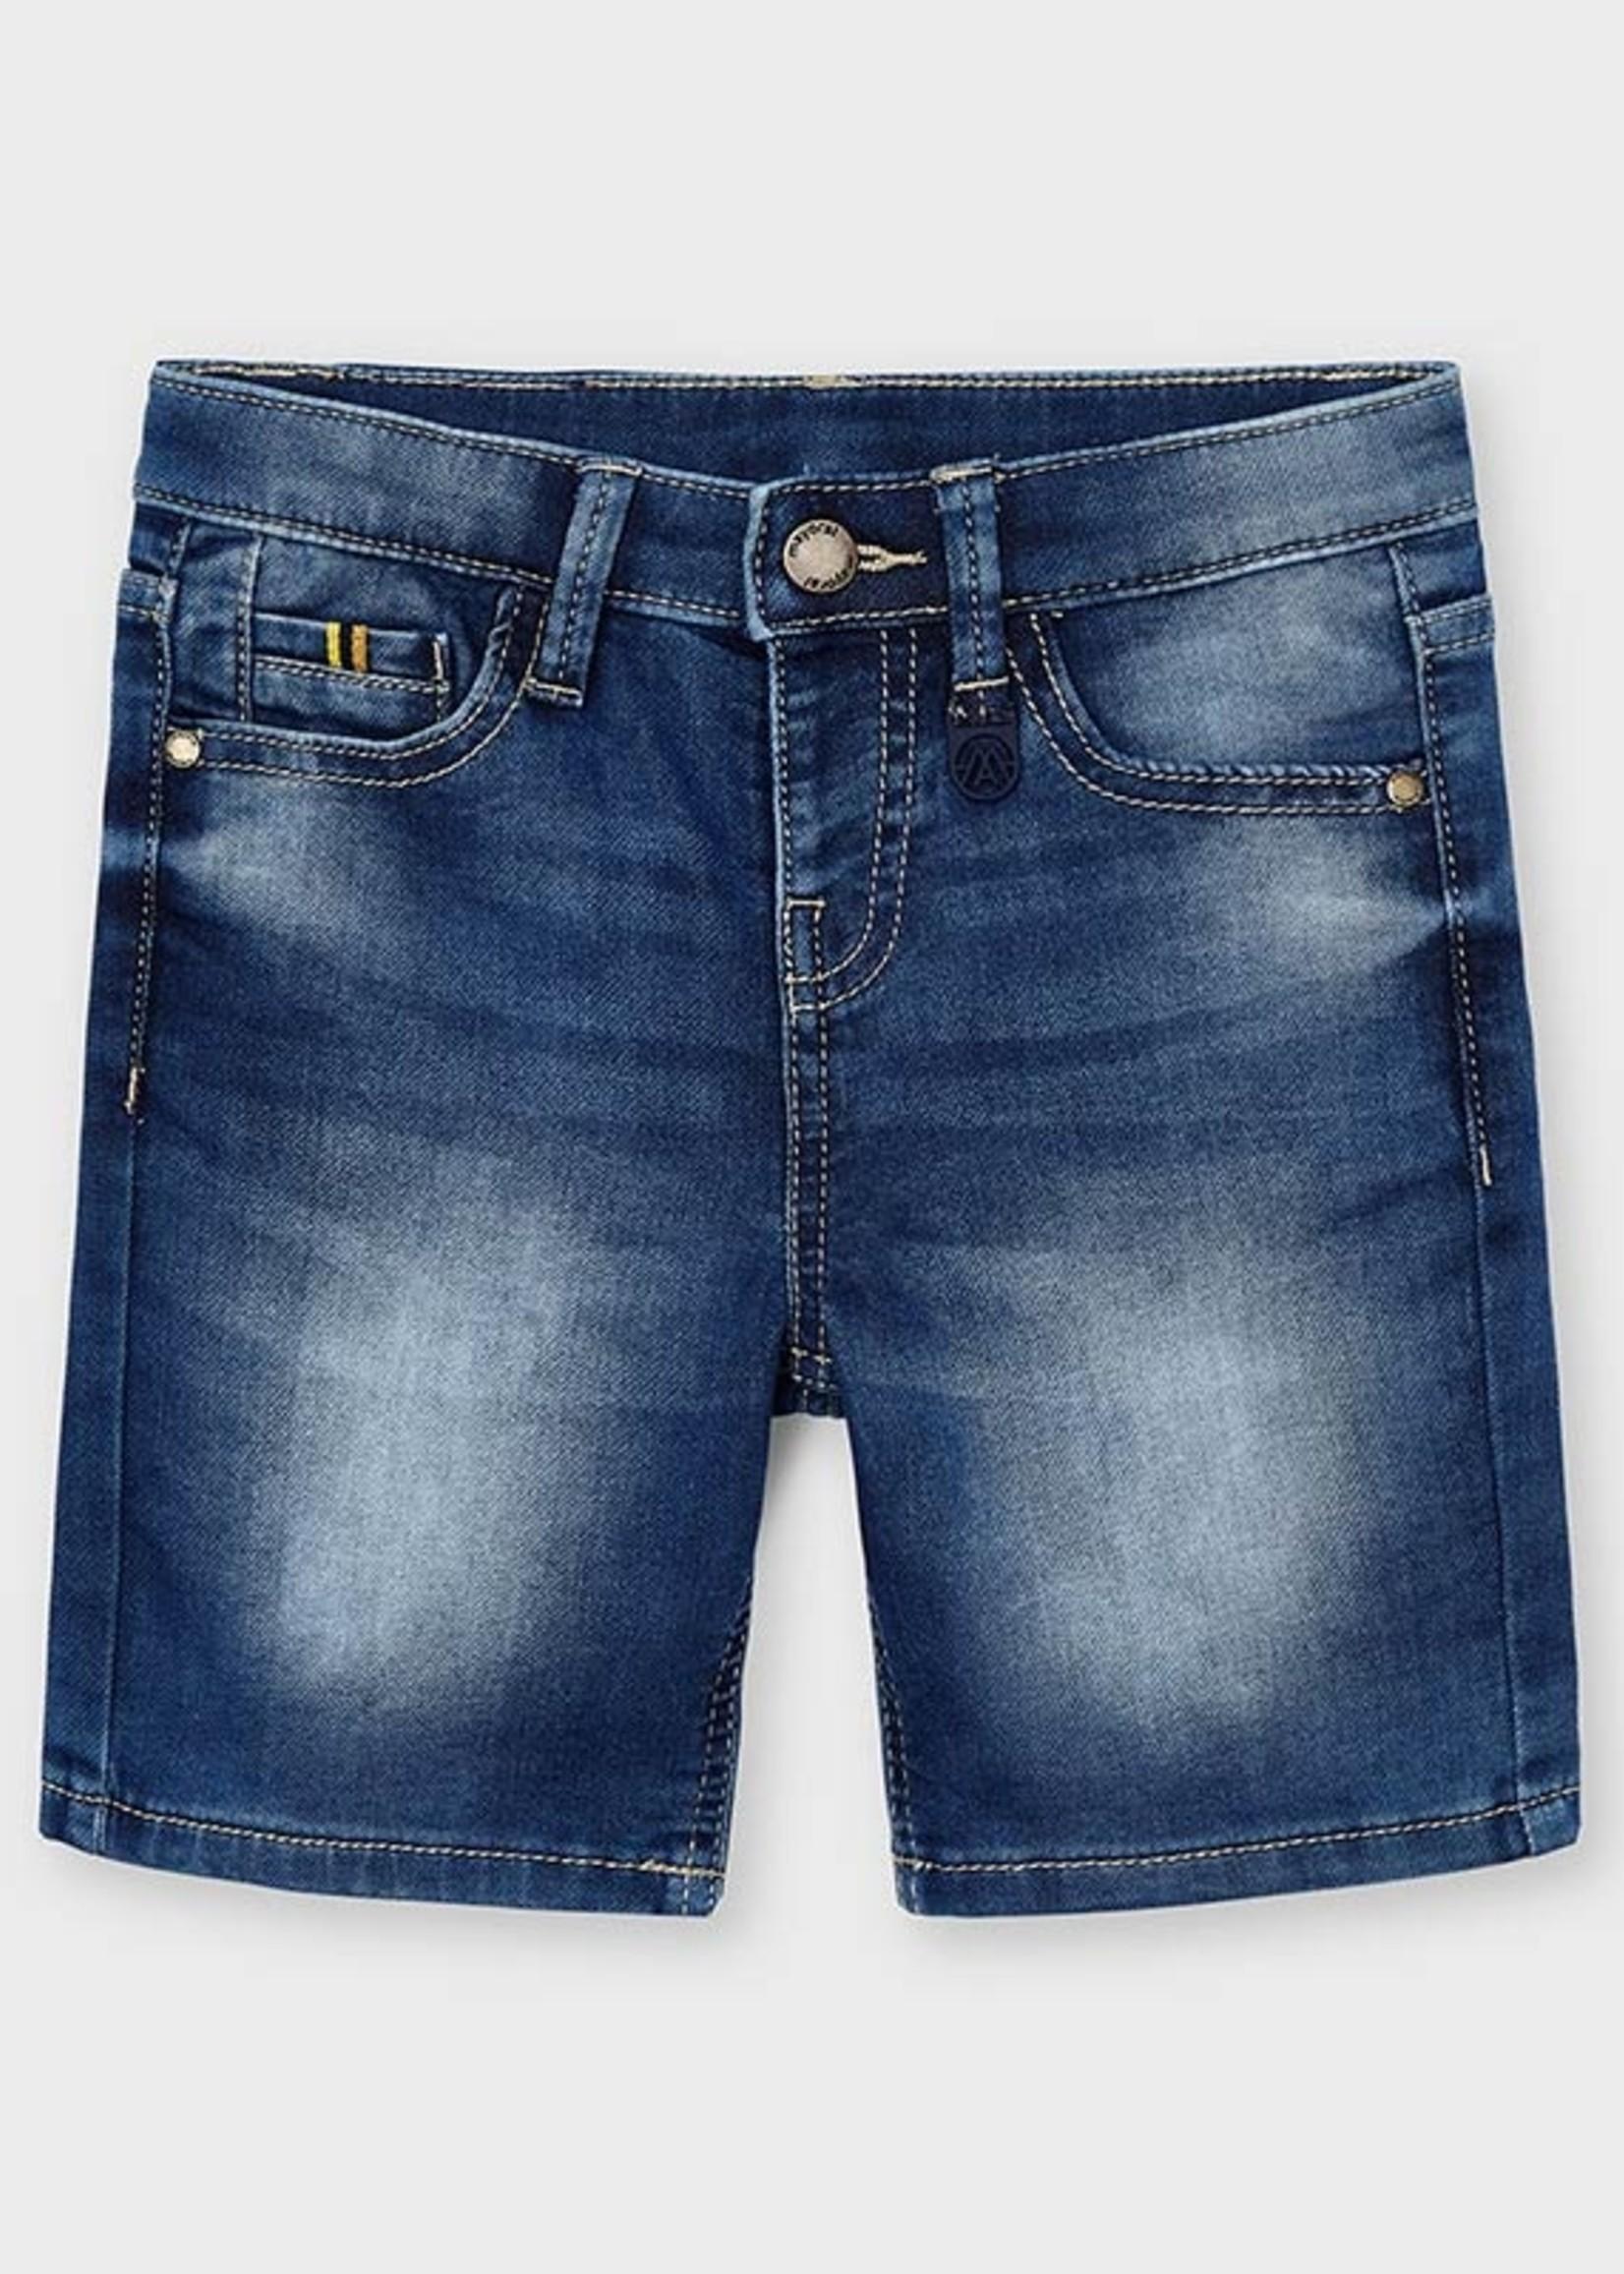 Mayoral Mayoral denim 5b soft shorts